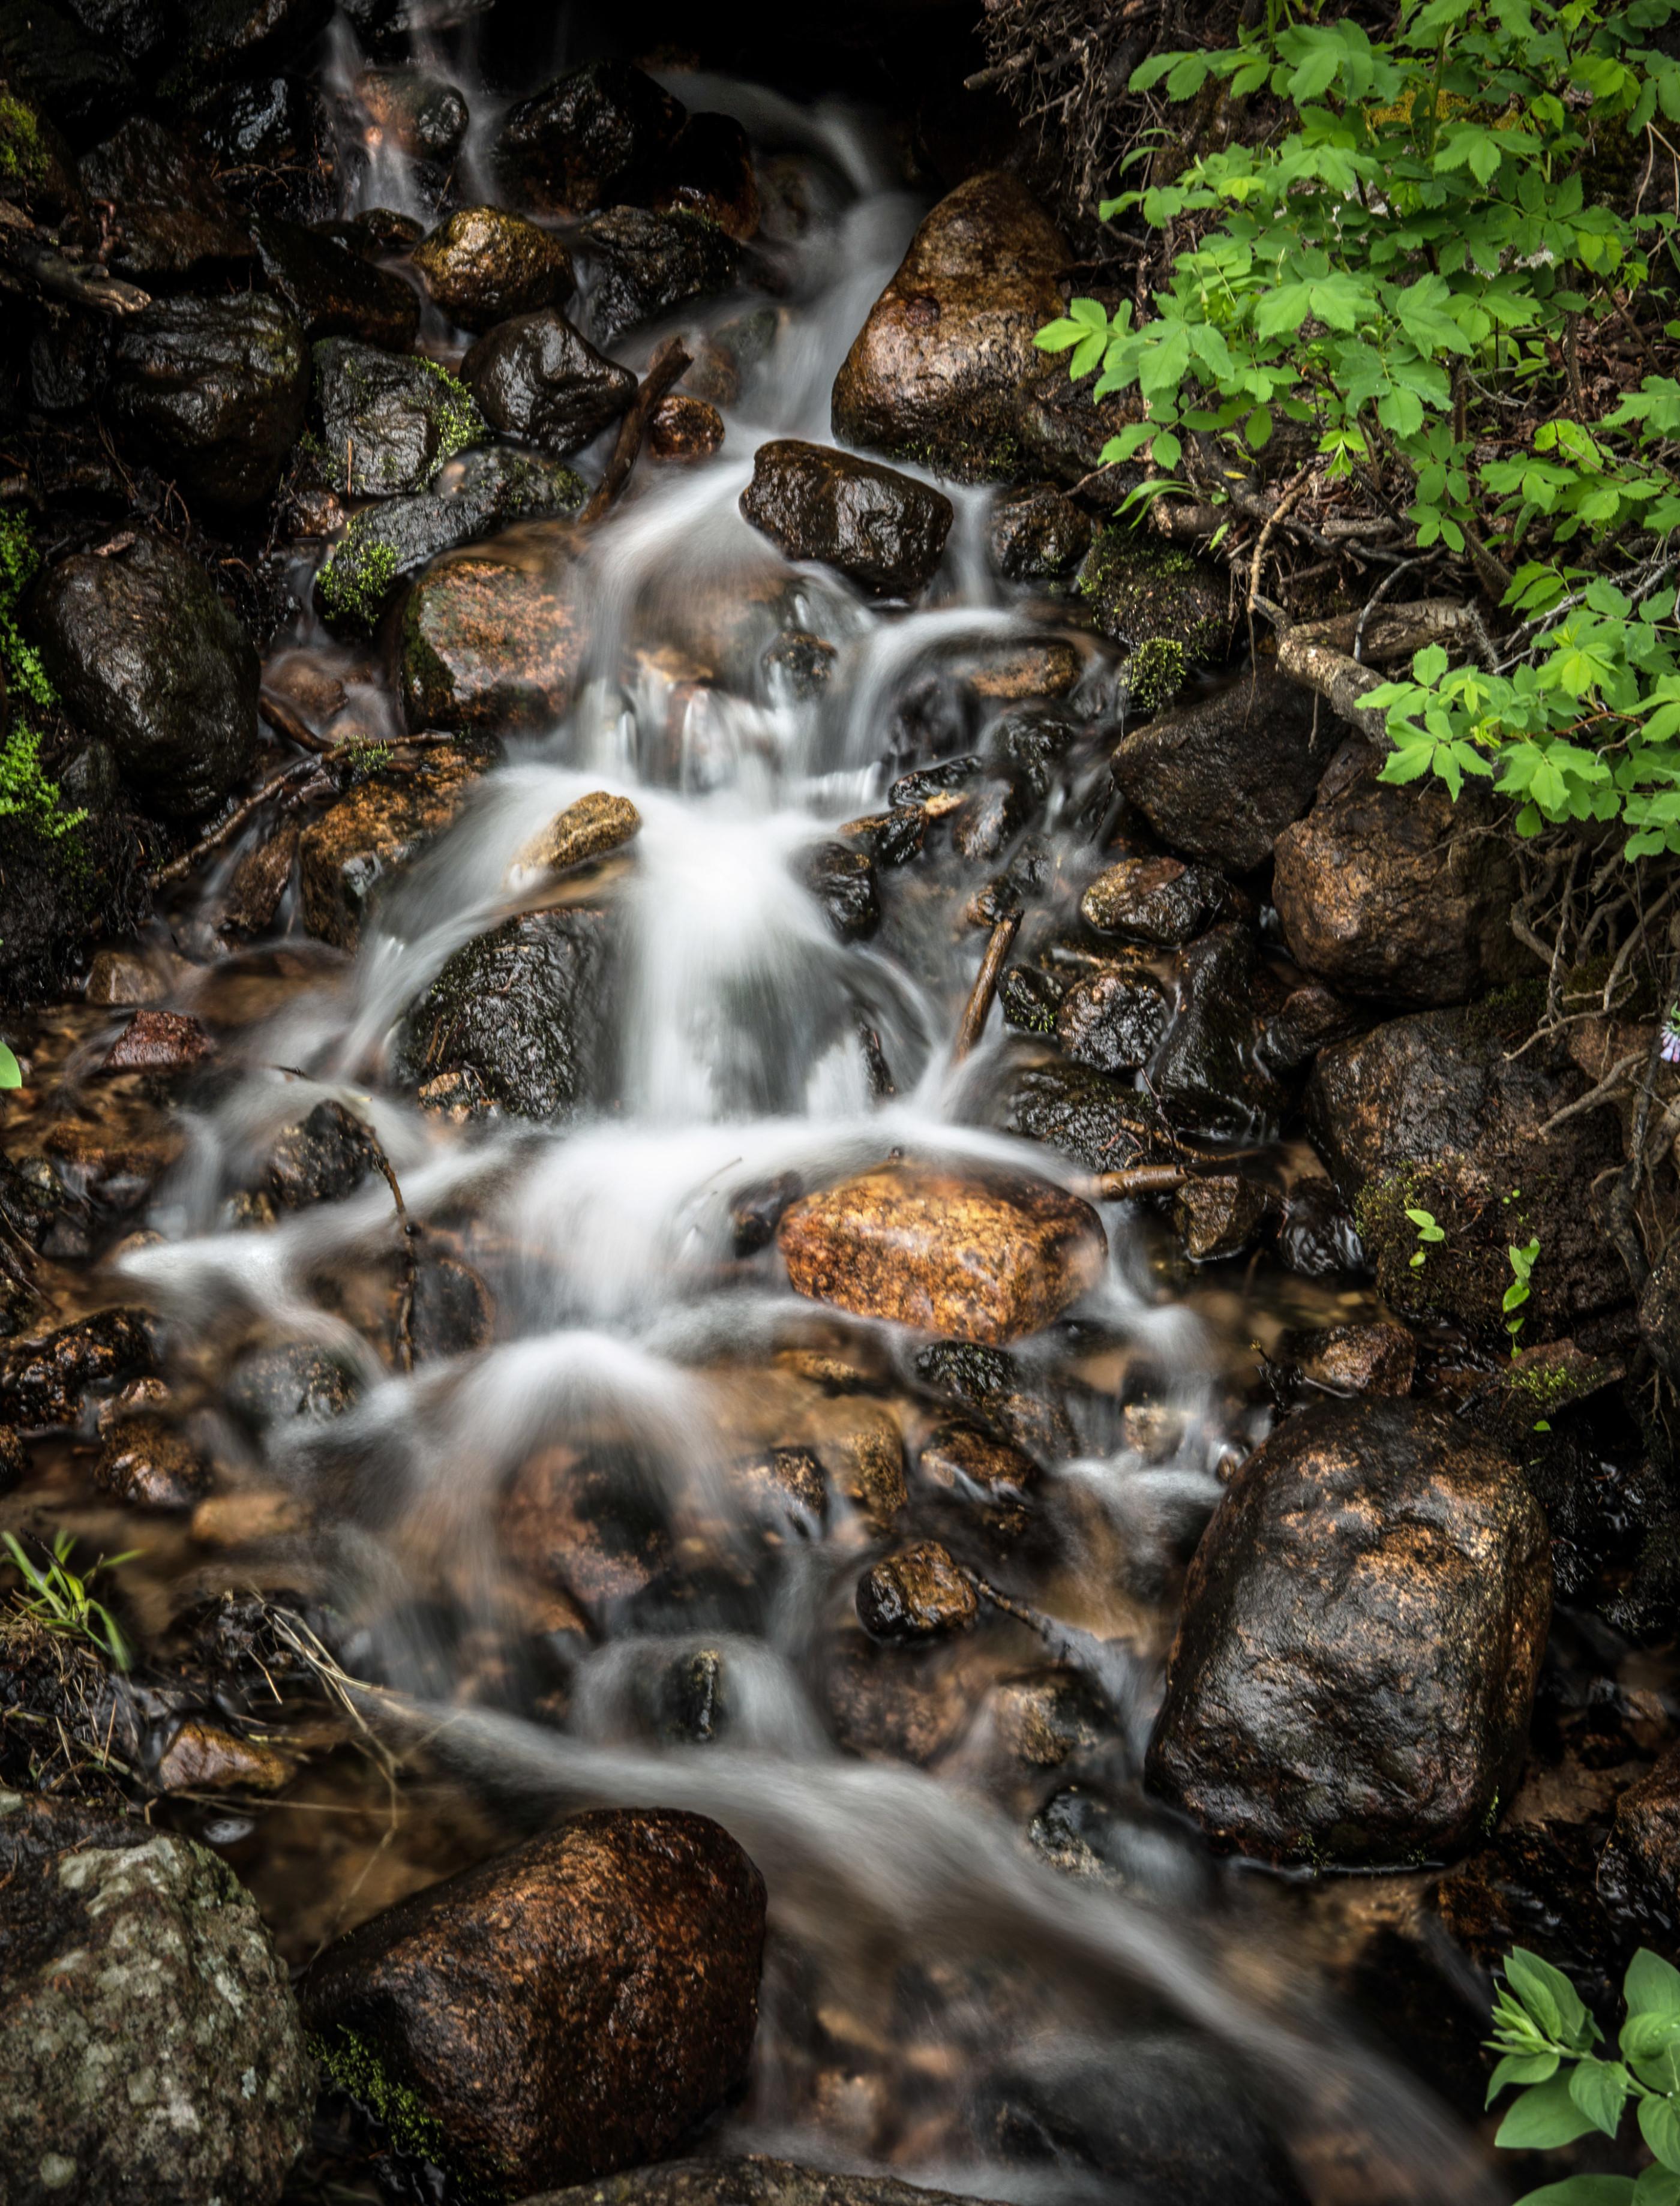 Fern falls trail